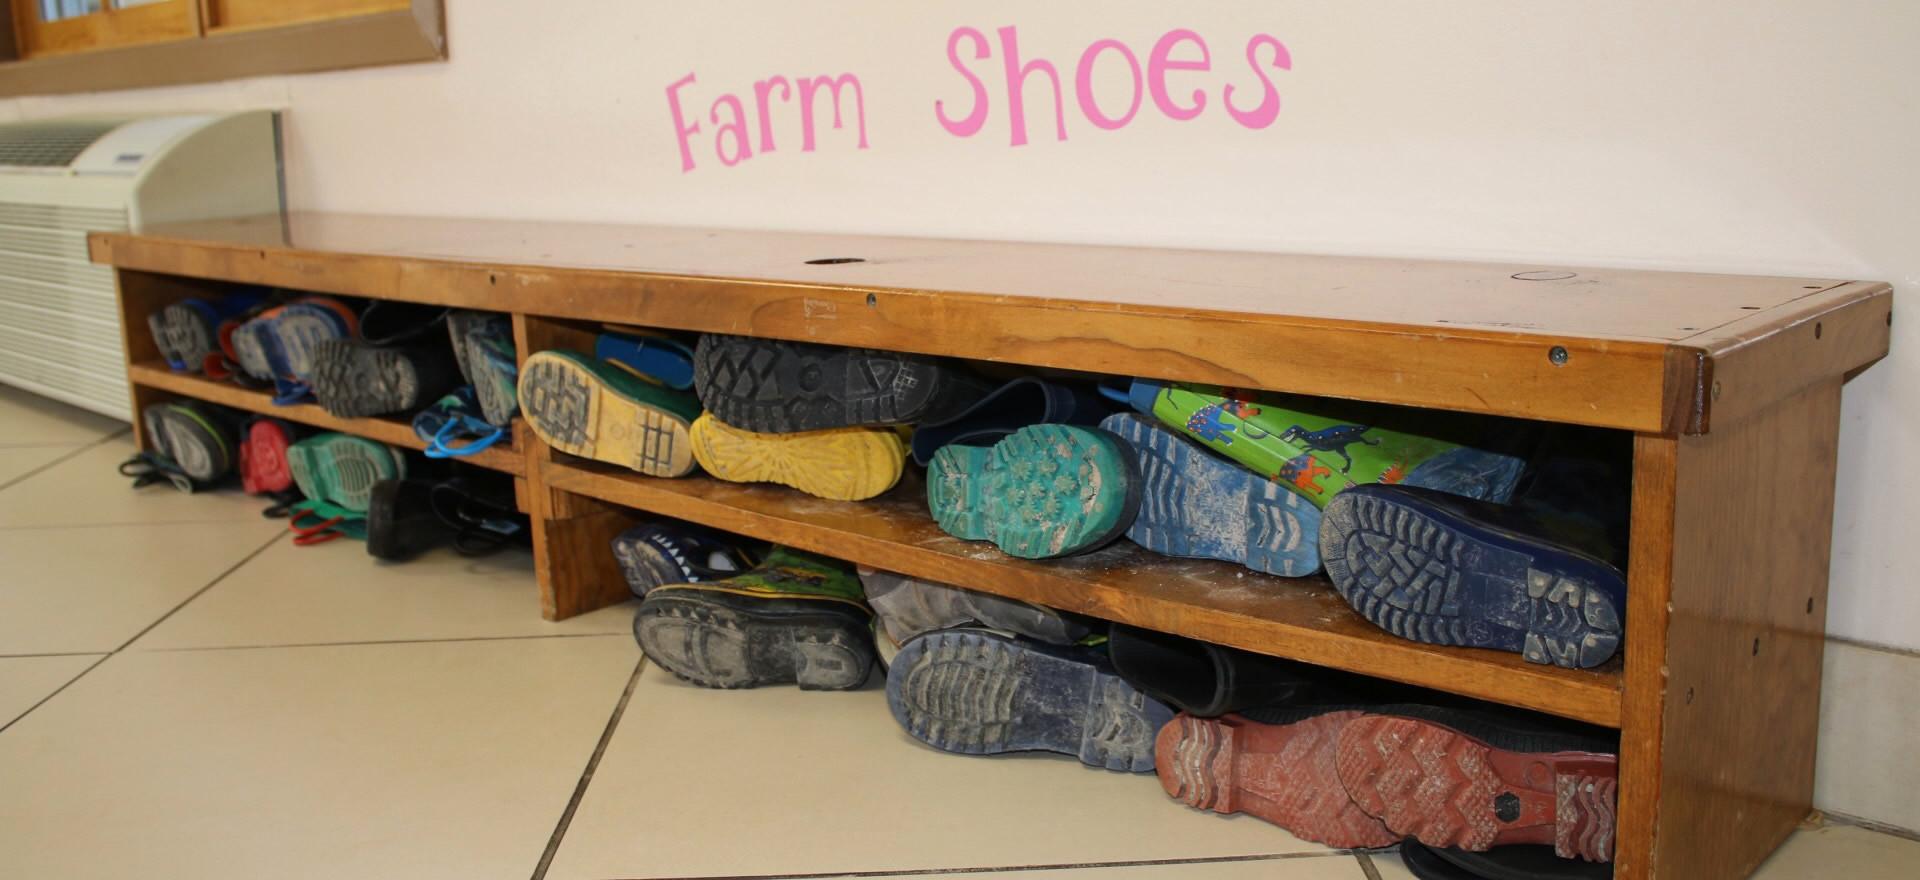 Farm shoes